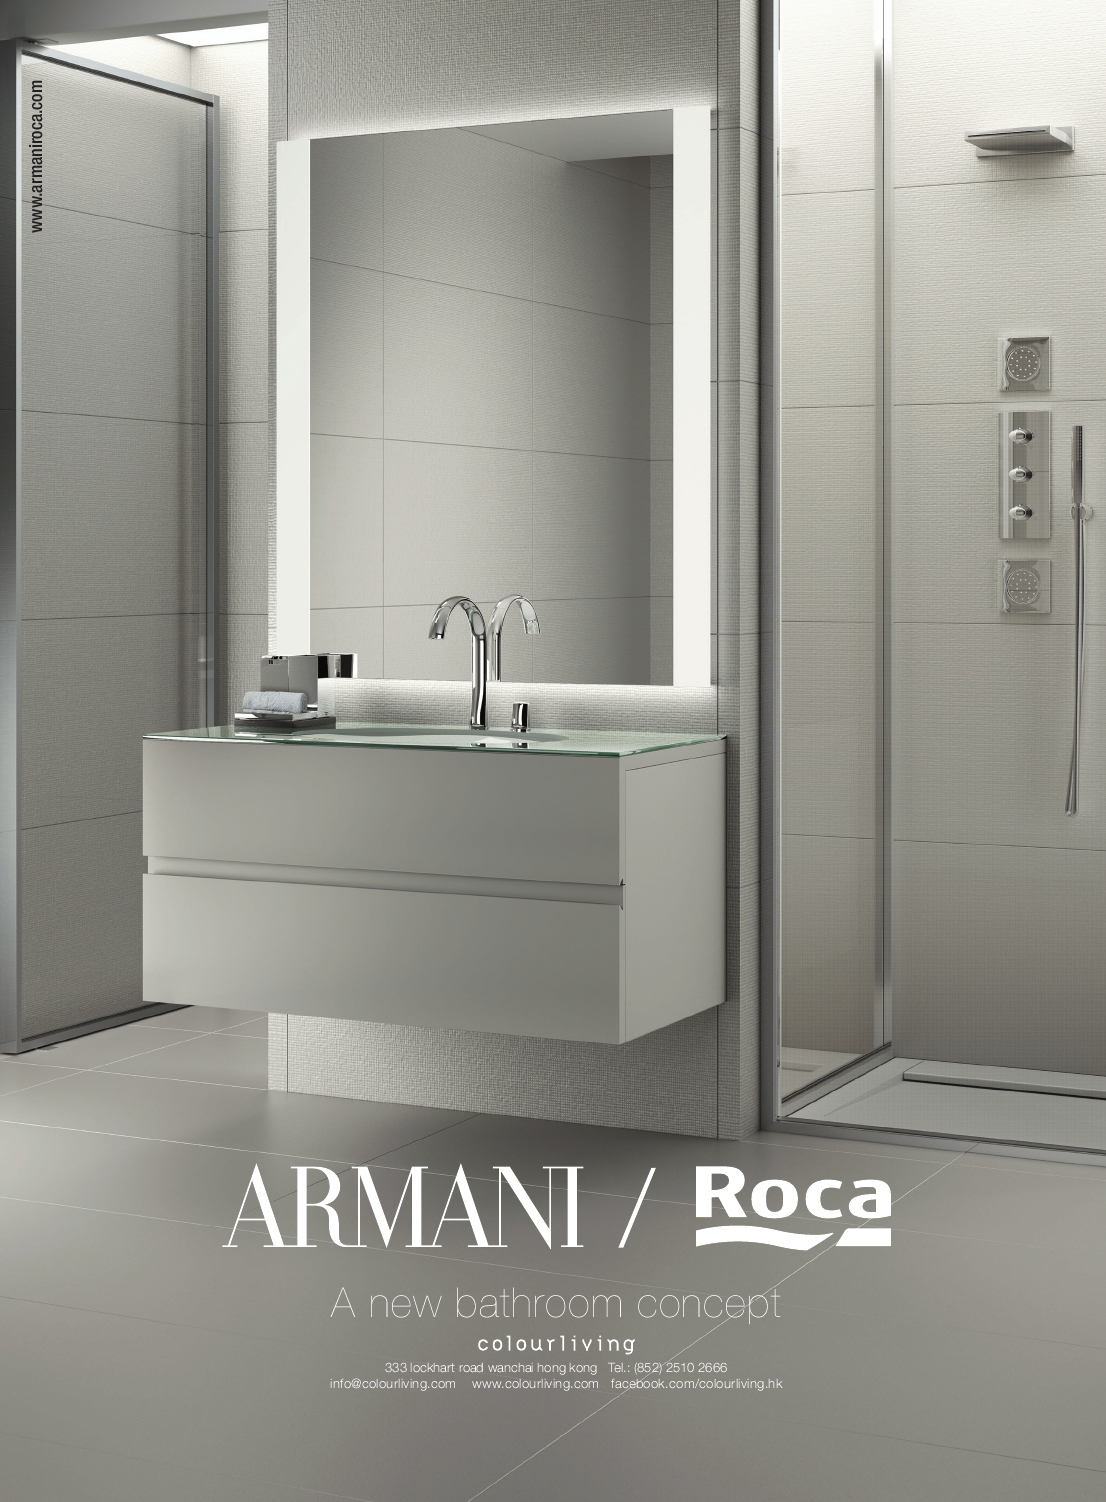 armani  roca  a new bathroom concept